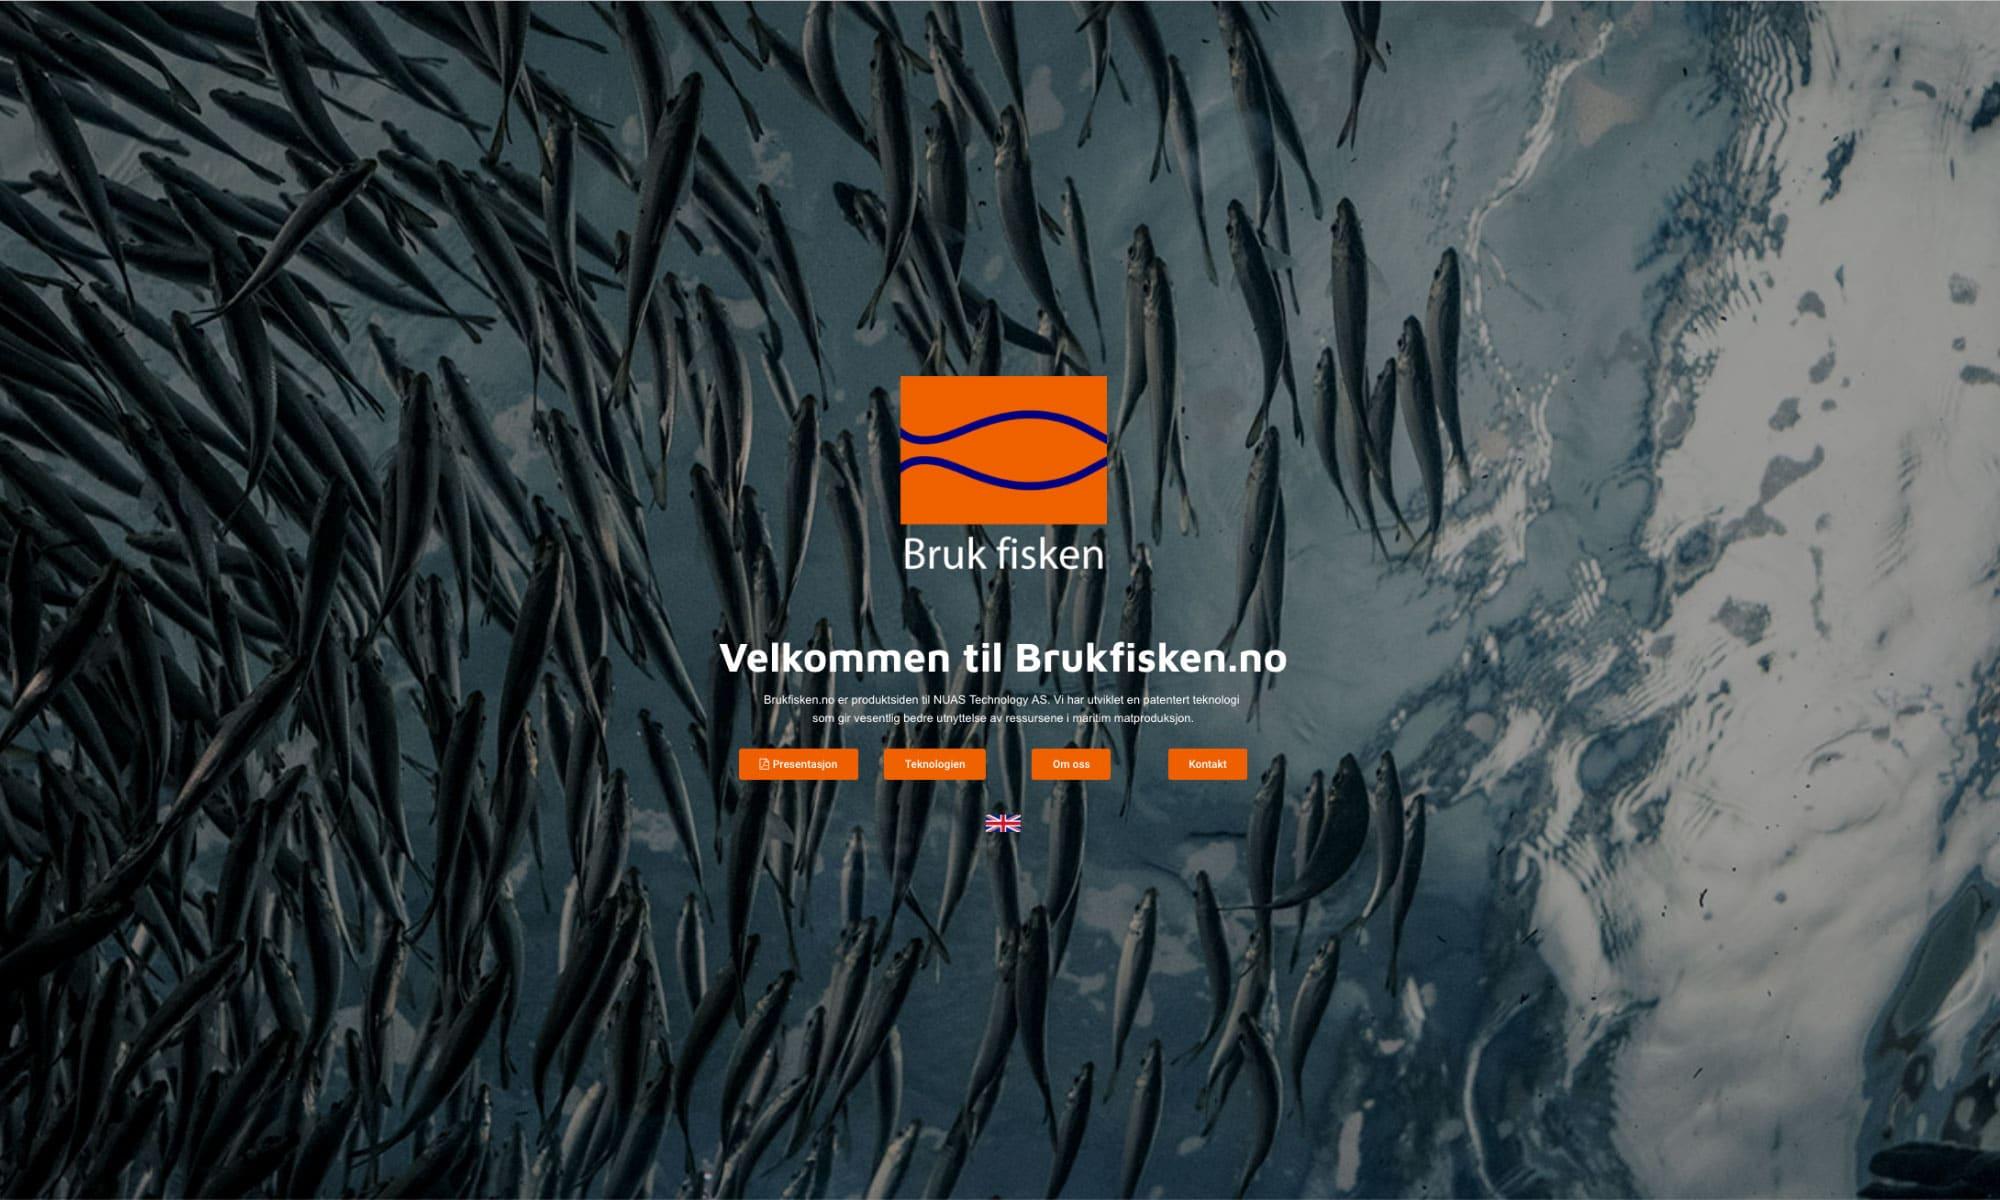 brukfisken nettside eksempel